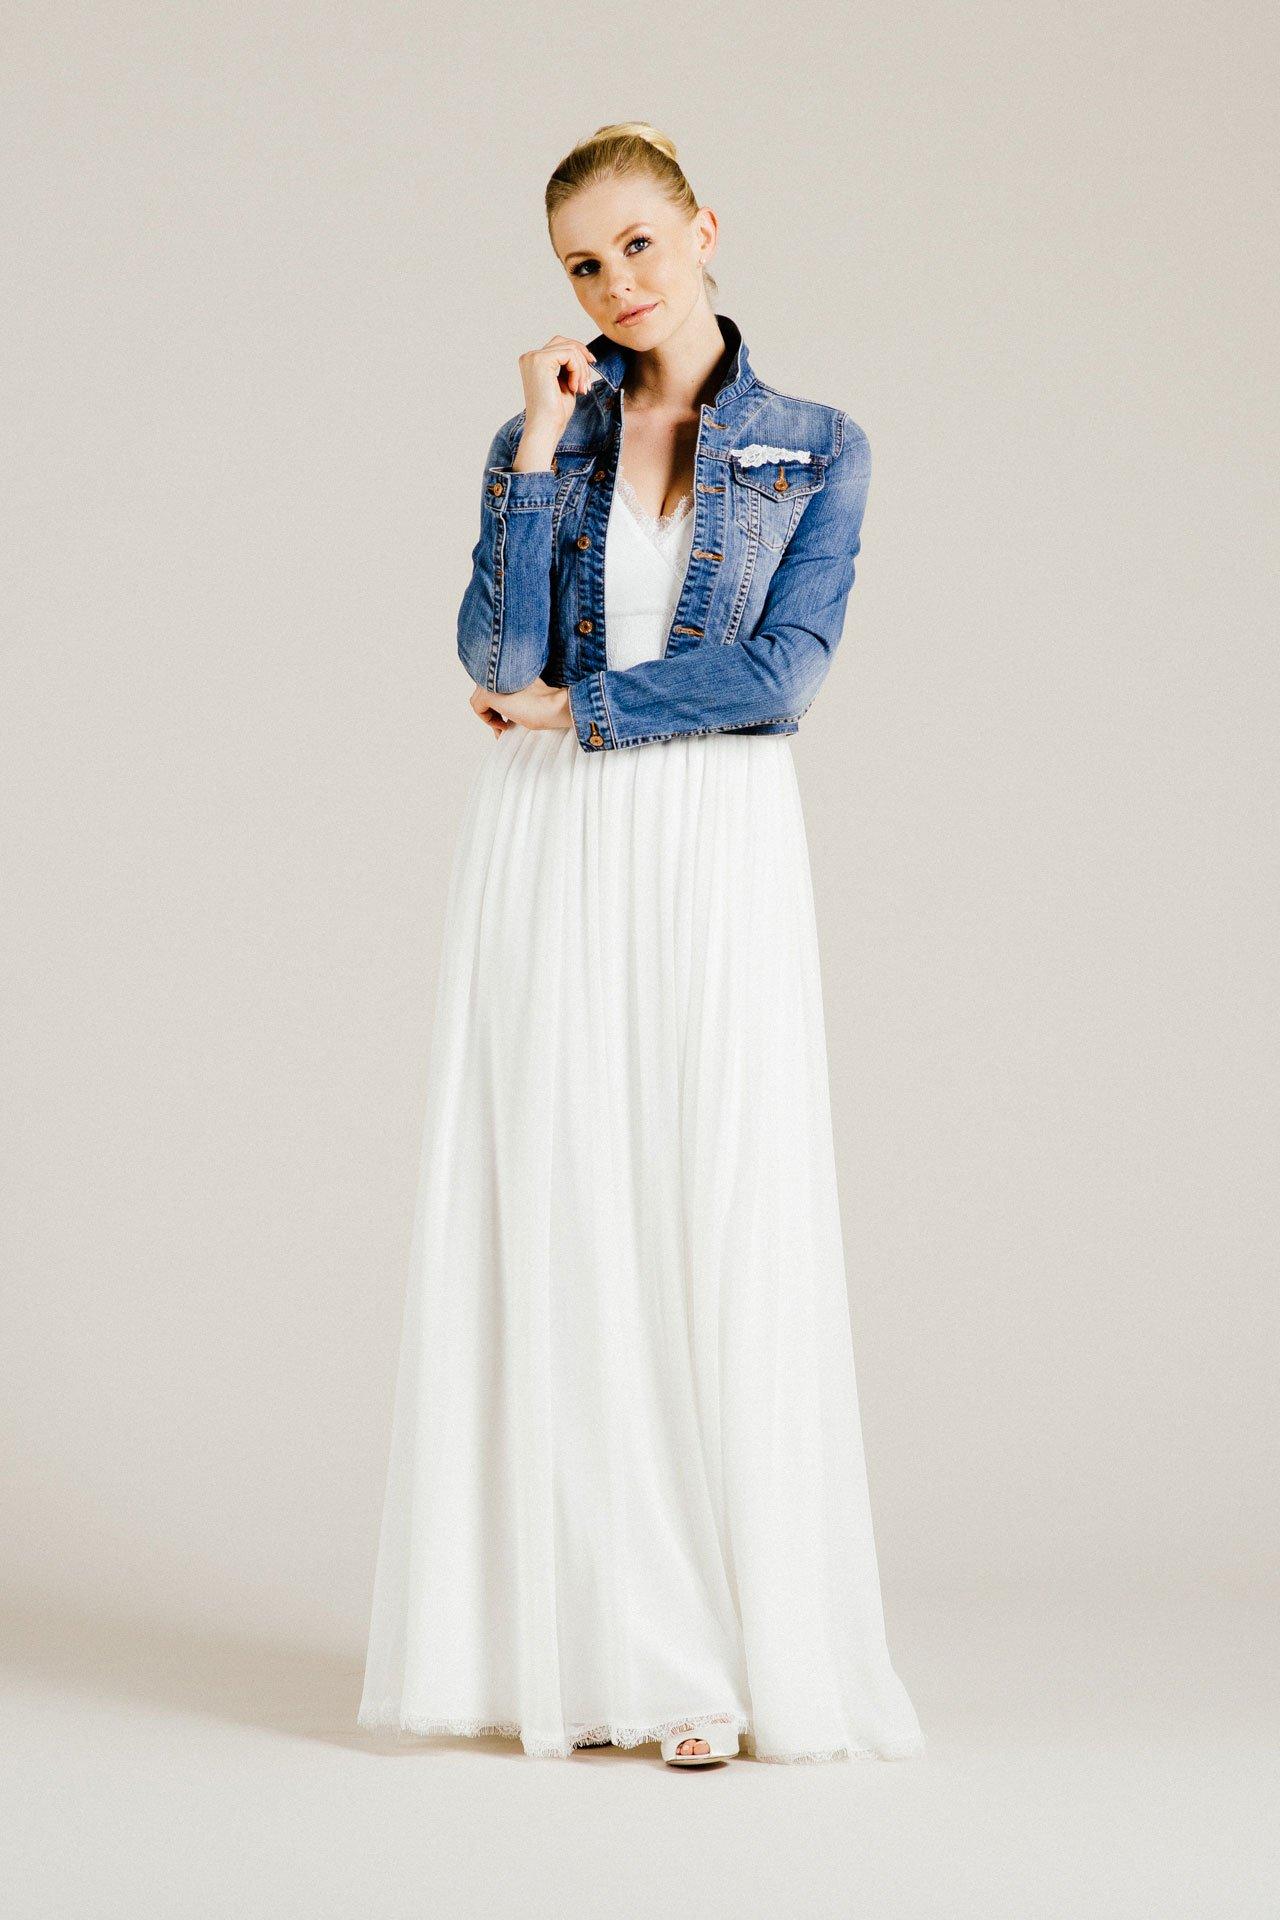 buy online 37713 2c998 Brautkleid Seide mit V-Ausschnitt und Spitzendetails – zart ...